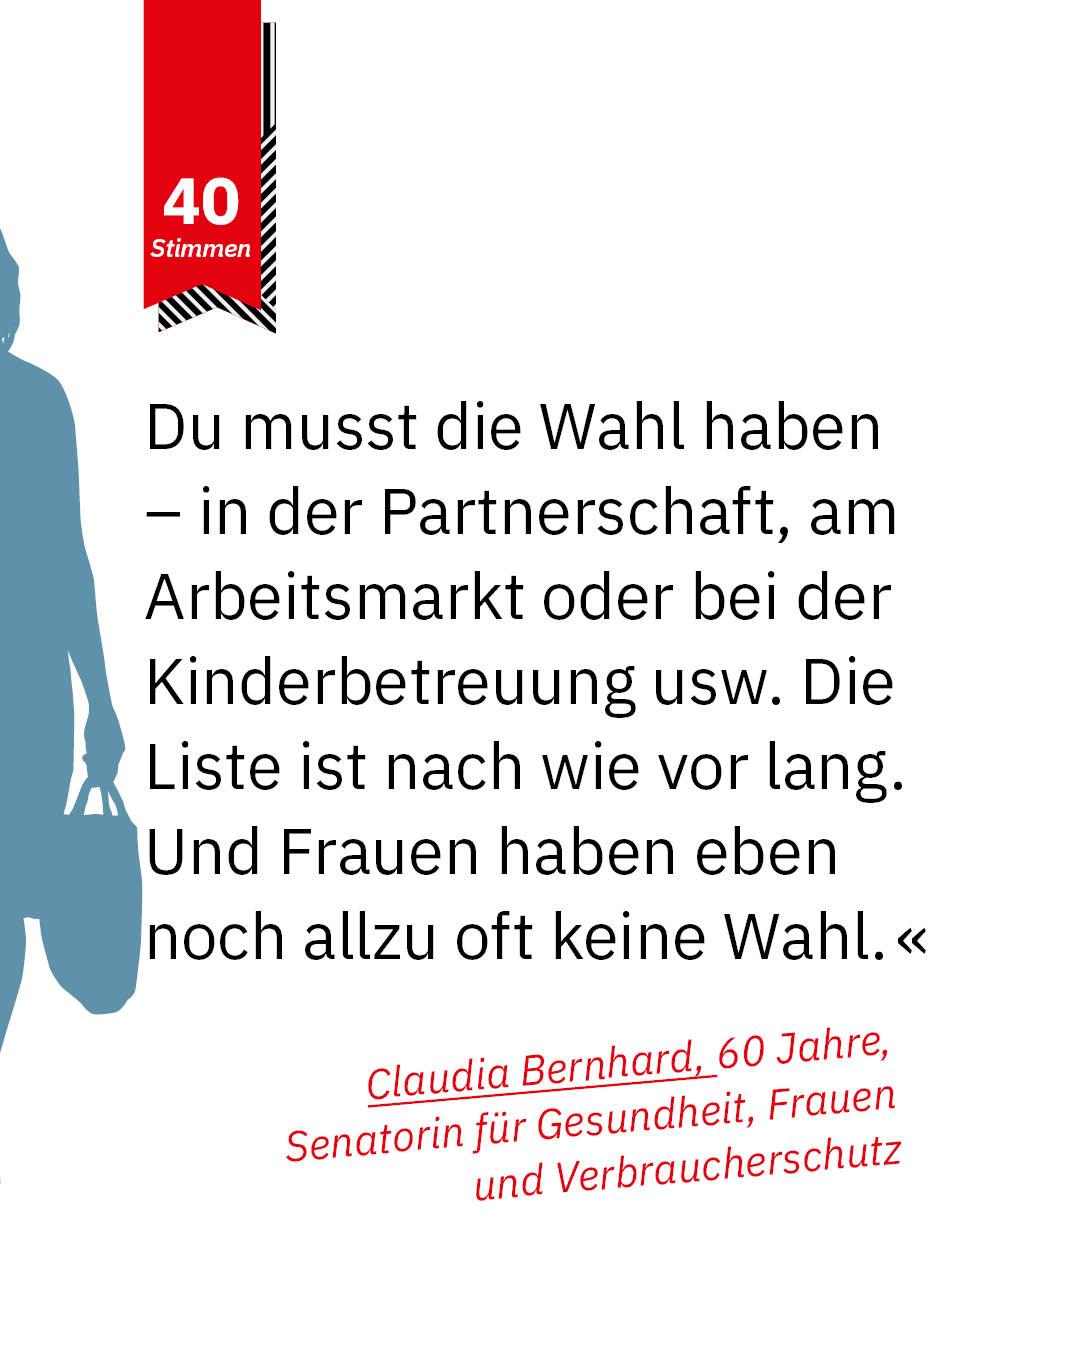 Statement 40 Jahre Gleichberechtigung,Claudia Bernhard, Senatorin für Gesundheit, Frauen und Verbraucherschutz